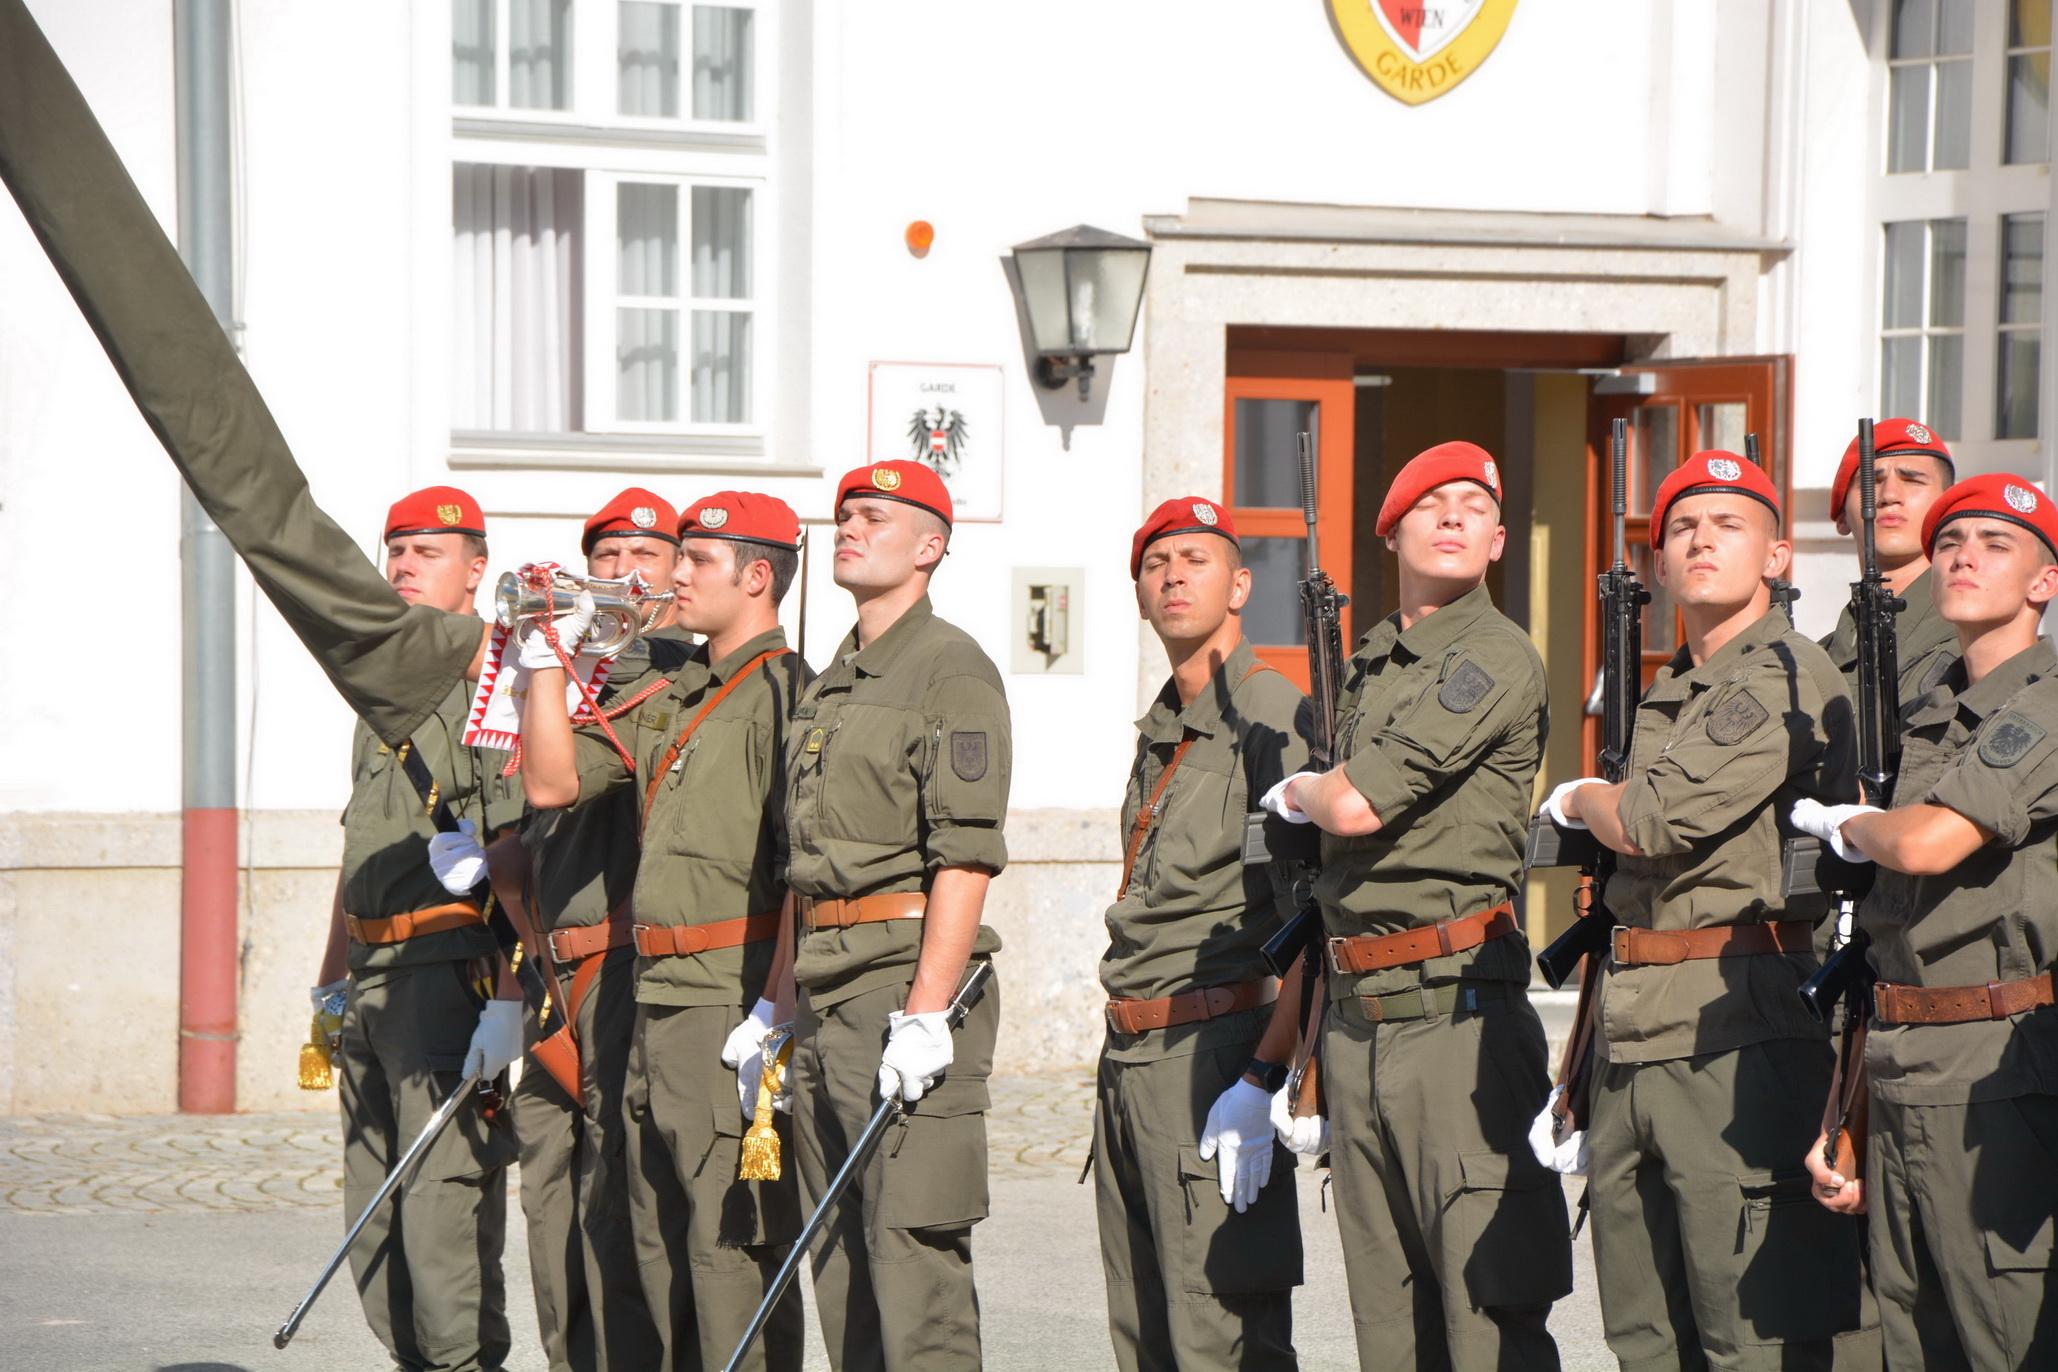 Garde_2018_09_12_Vorparade Traditionstag MilKdo Wien mit Polen (10)